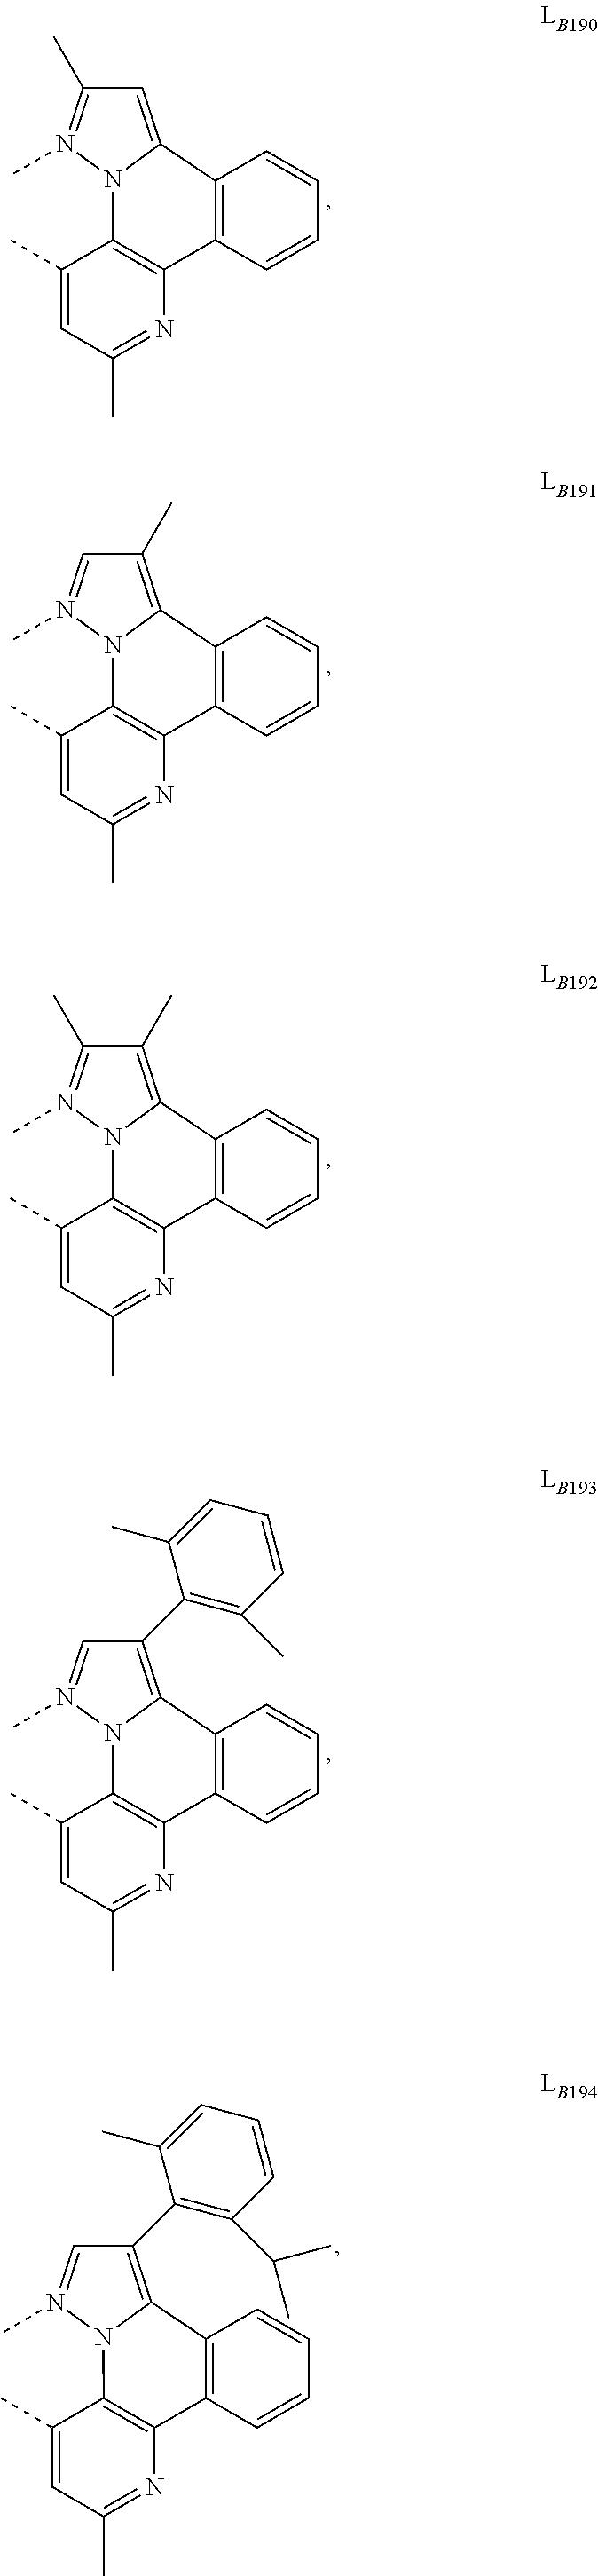 Figure US09905785-20180227-C00147